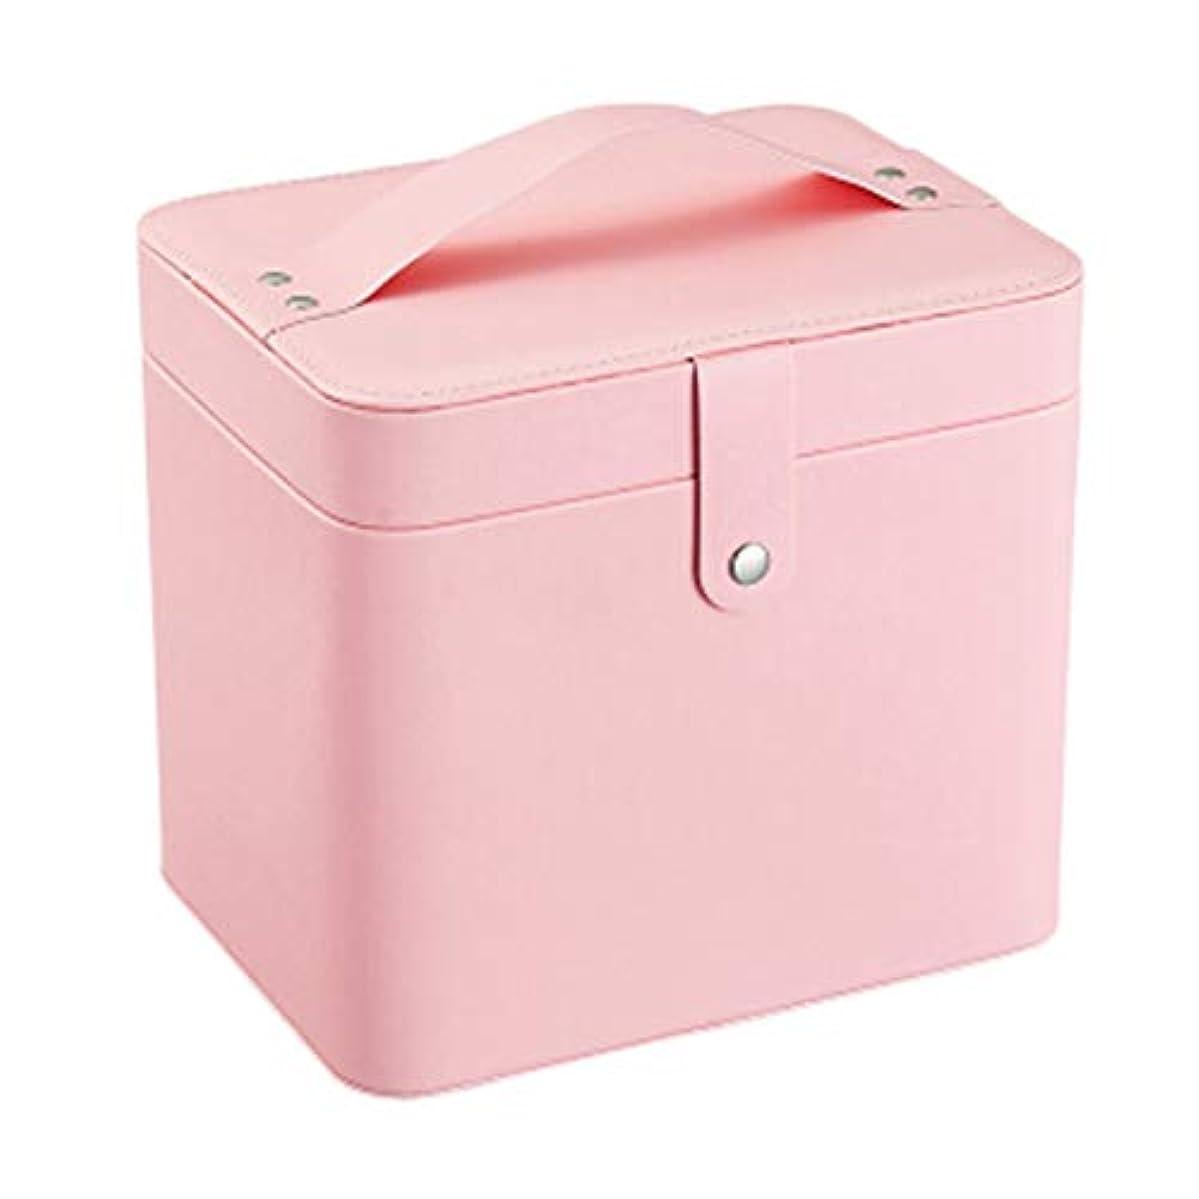 涙スペルアンペア化粧オーガナイザーバッグ 化粧鏡で小さなものの種類の旅行のための美容メイクアップのためのピンクのポータブル化粧品バッグ 化粧品ケース